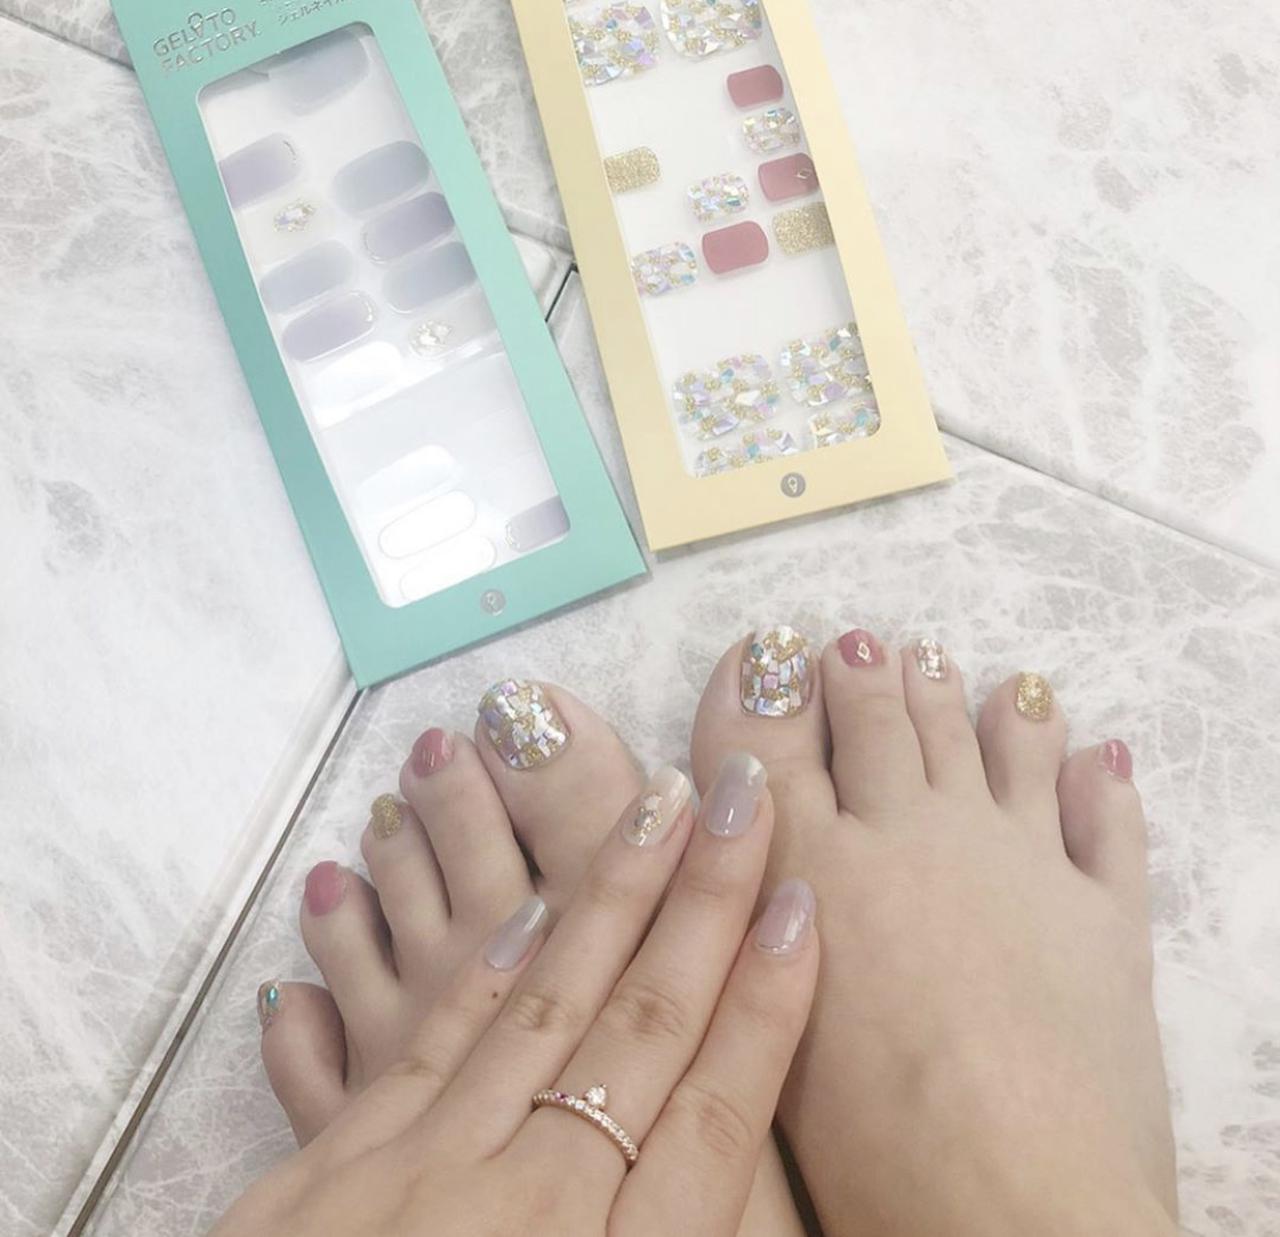 画像11: もう通う時代は古い?!韓国からやってきたお家で簡単にできる本格的ジェルネイルシール♥簡単に剥せるから普段ネイルが出来ない人も特別な日に爪から可愛く♥